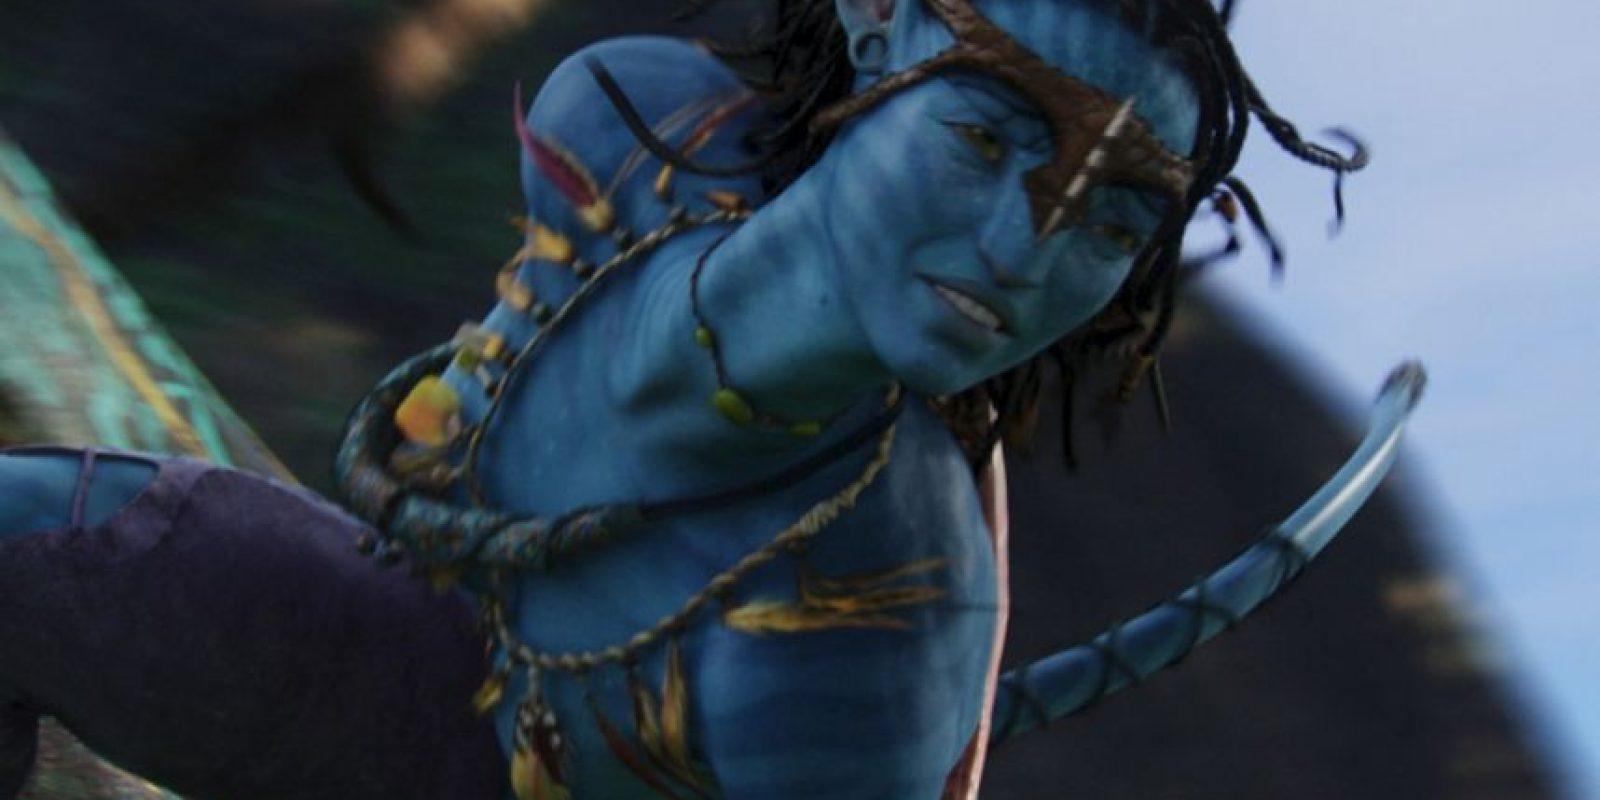 Ambientada en el año 2154, los acontecimientos que narra se desarrollan en Pandora. Foto:Avatarmovie.com